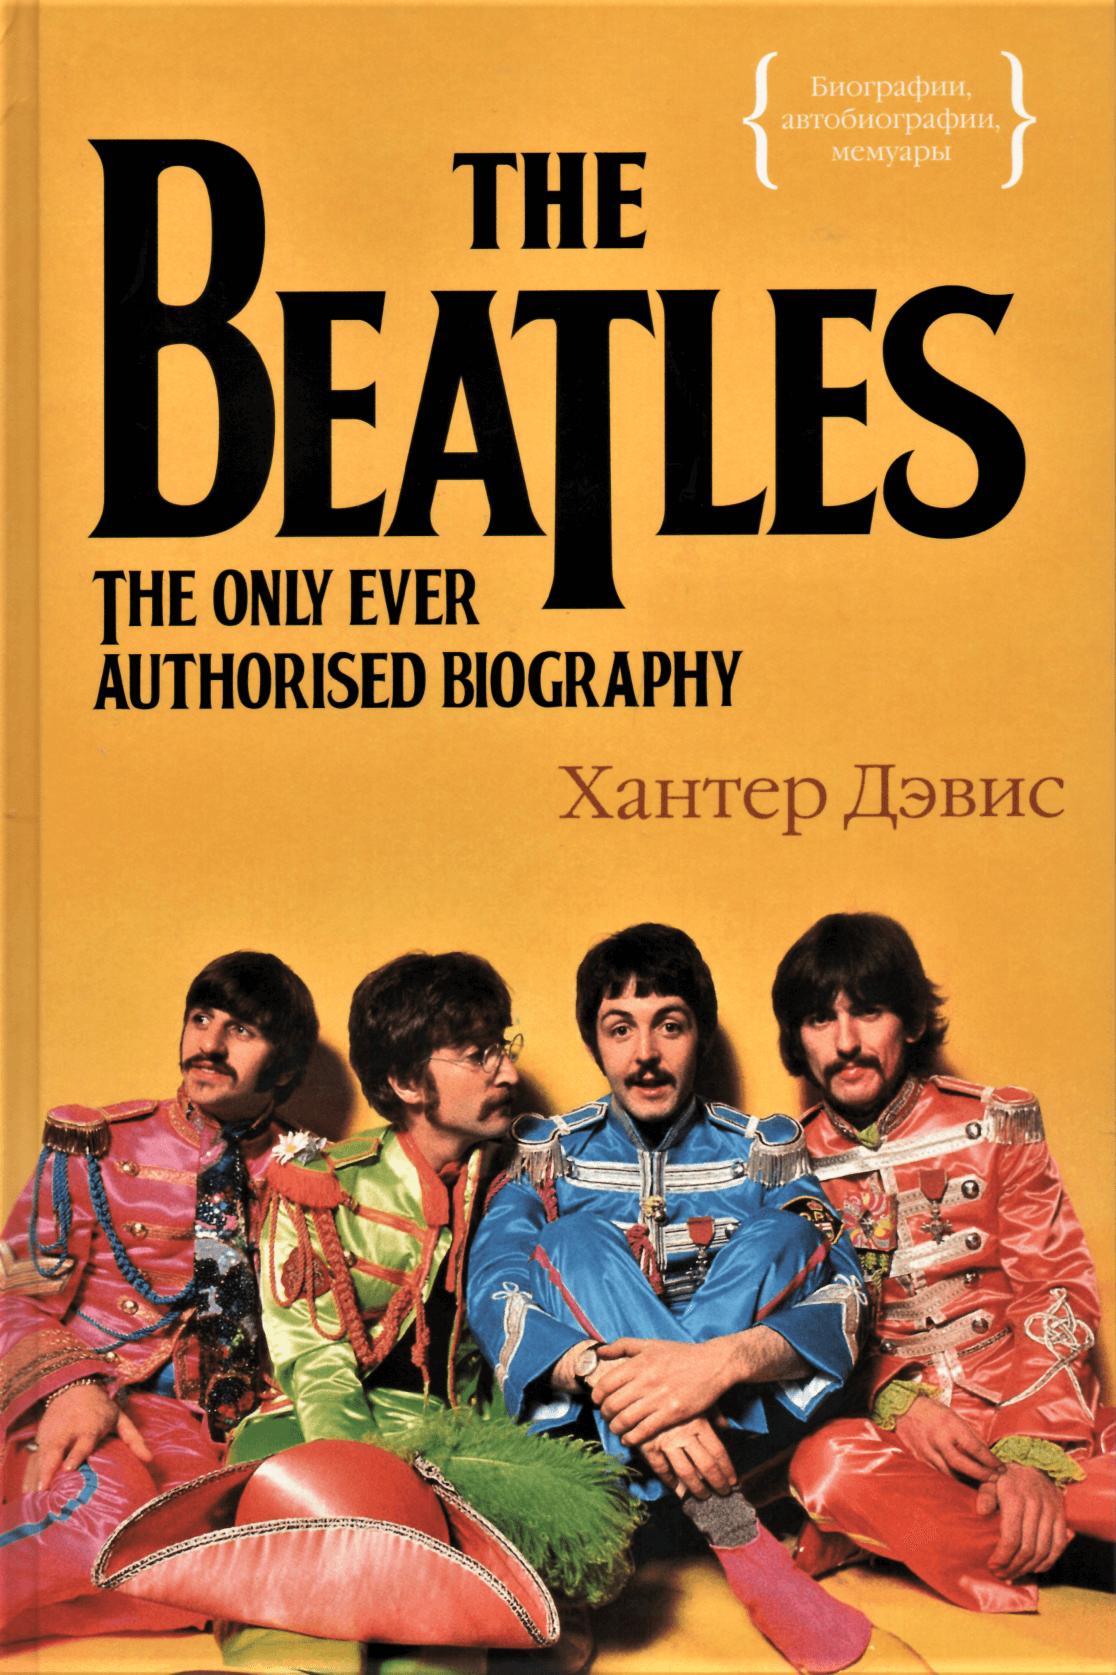 The Beatles. Единственная на свете авторизованная биография. Автор — Хантер Дэвис. Переплет —